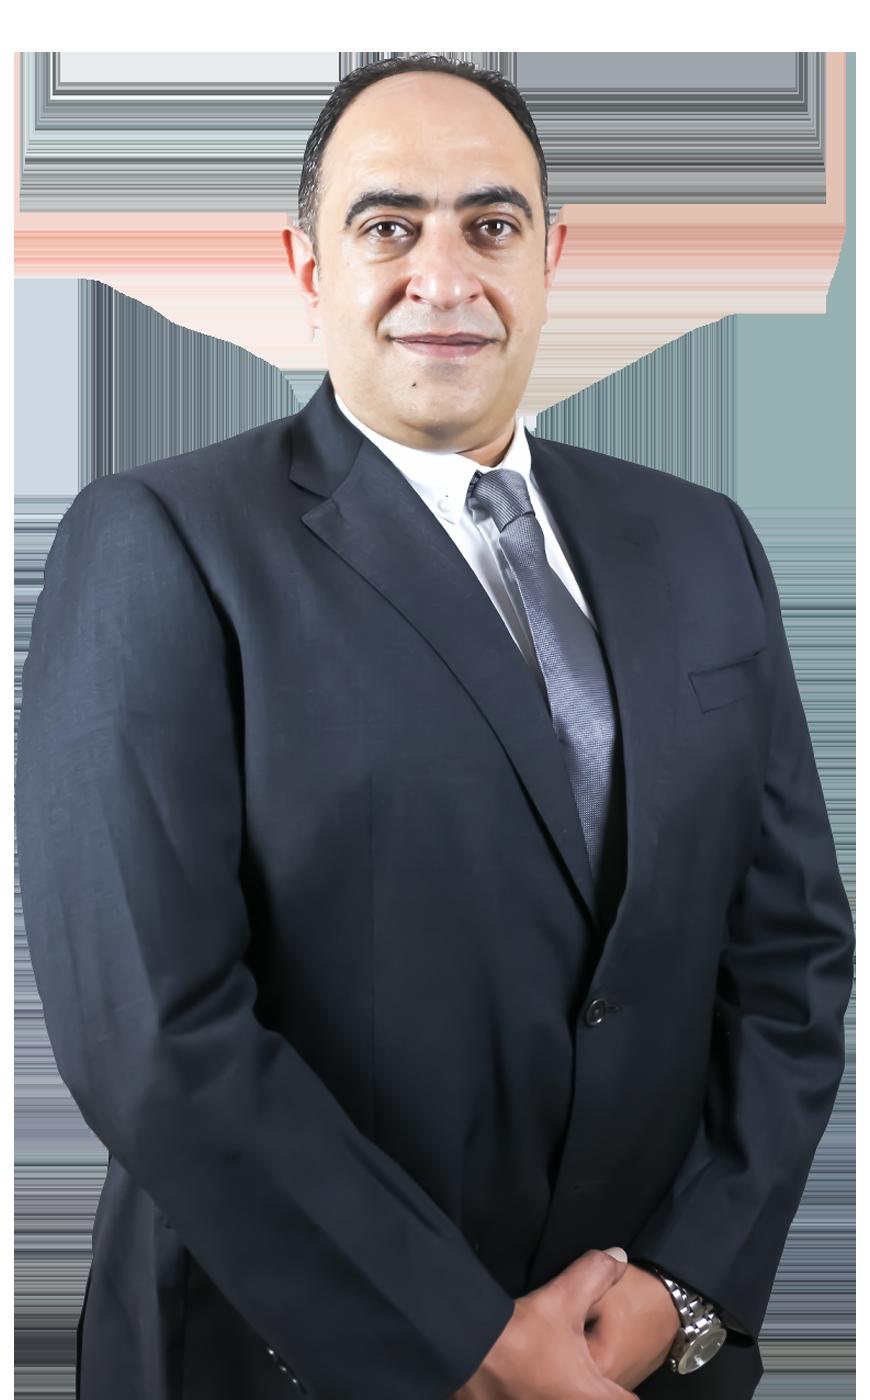 دكتور احمد عبدالله عشماوى